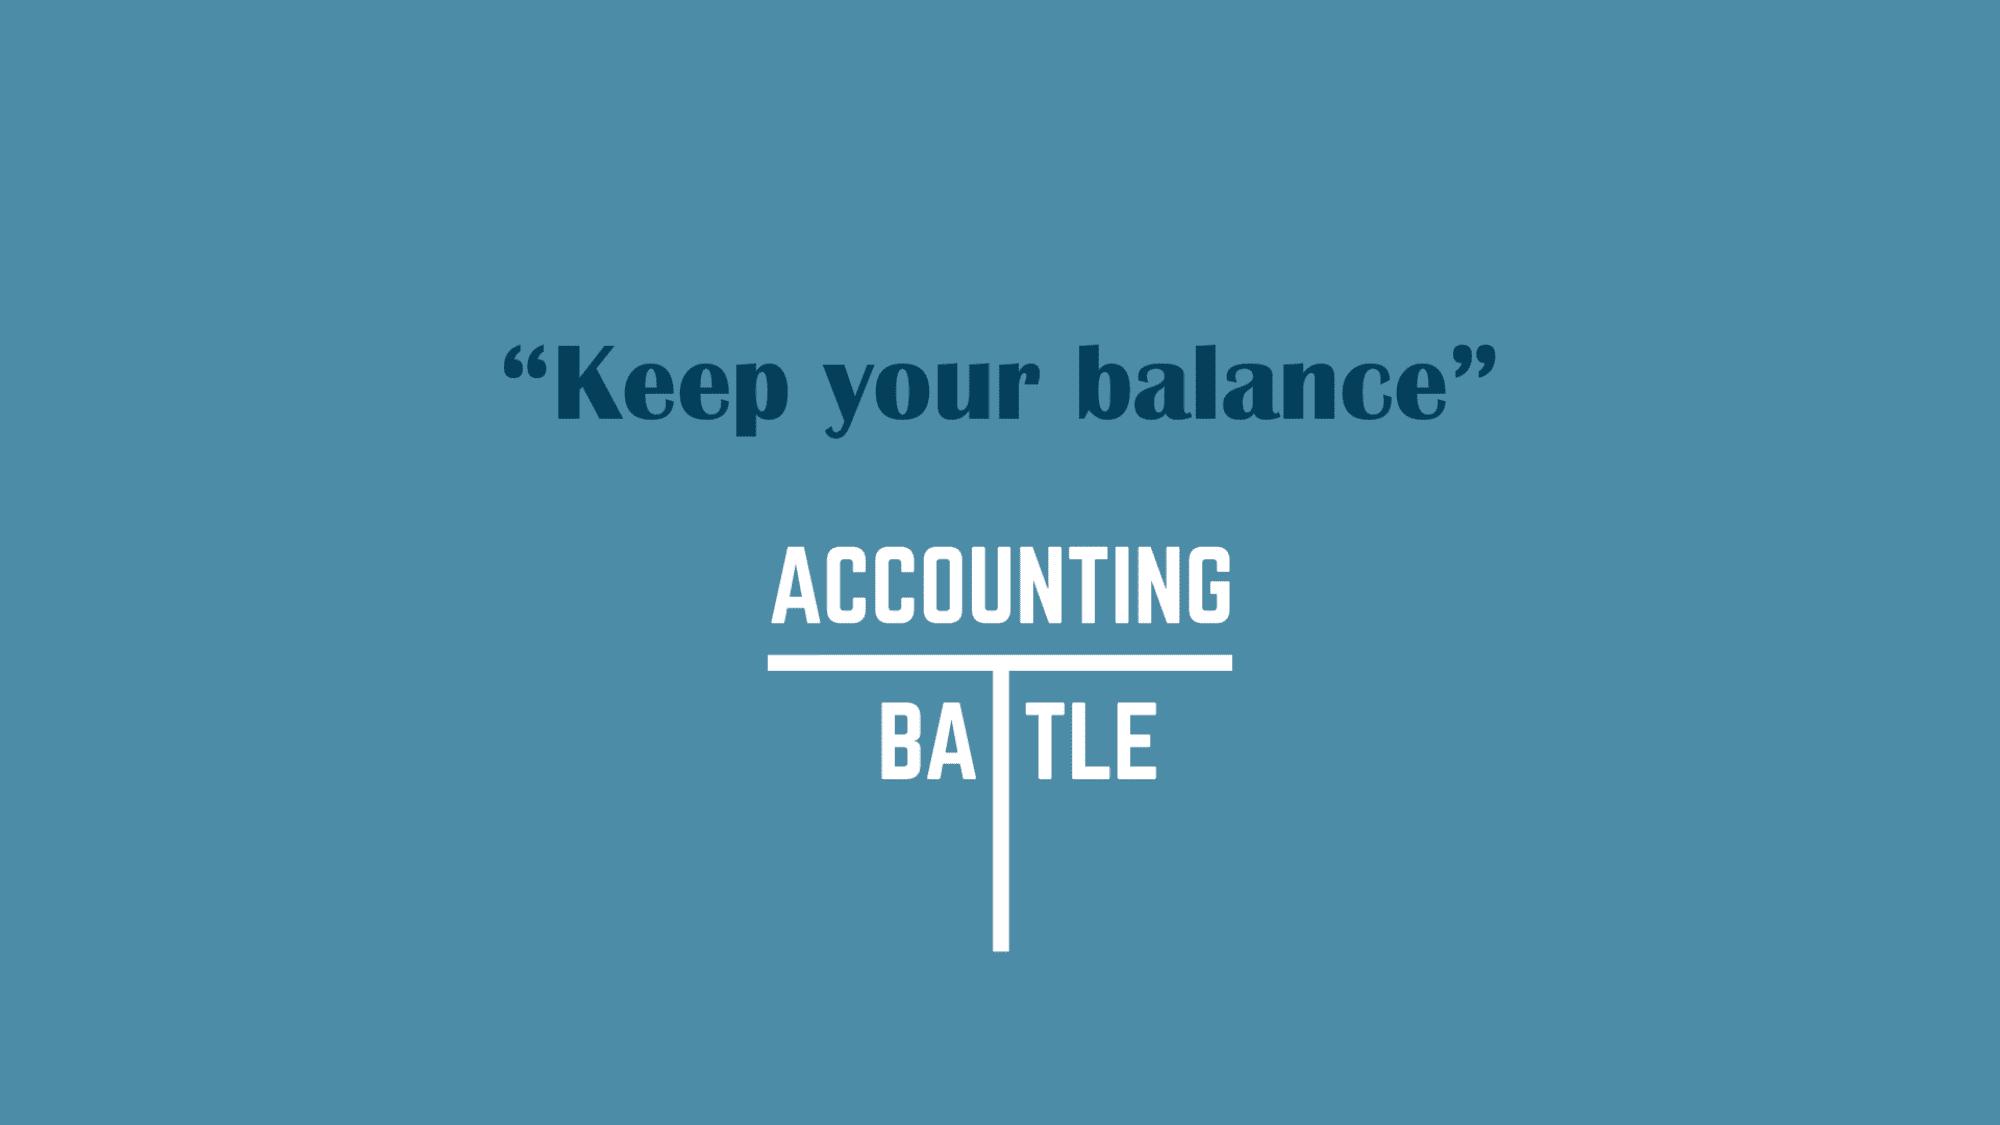 Završio 2. Accounting Battle: Tko je najveća riba?